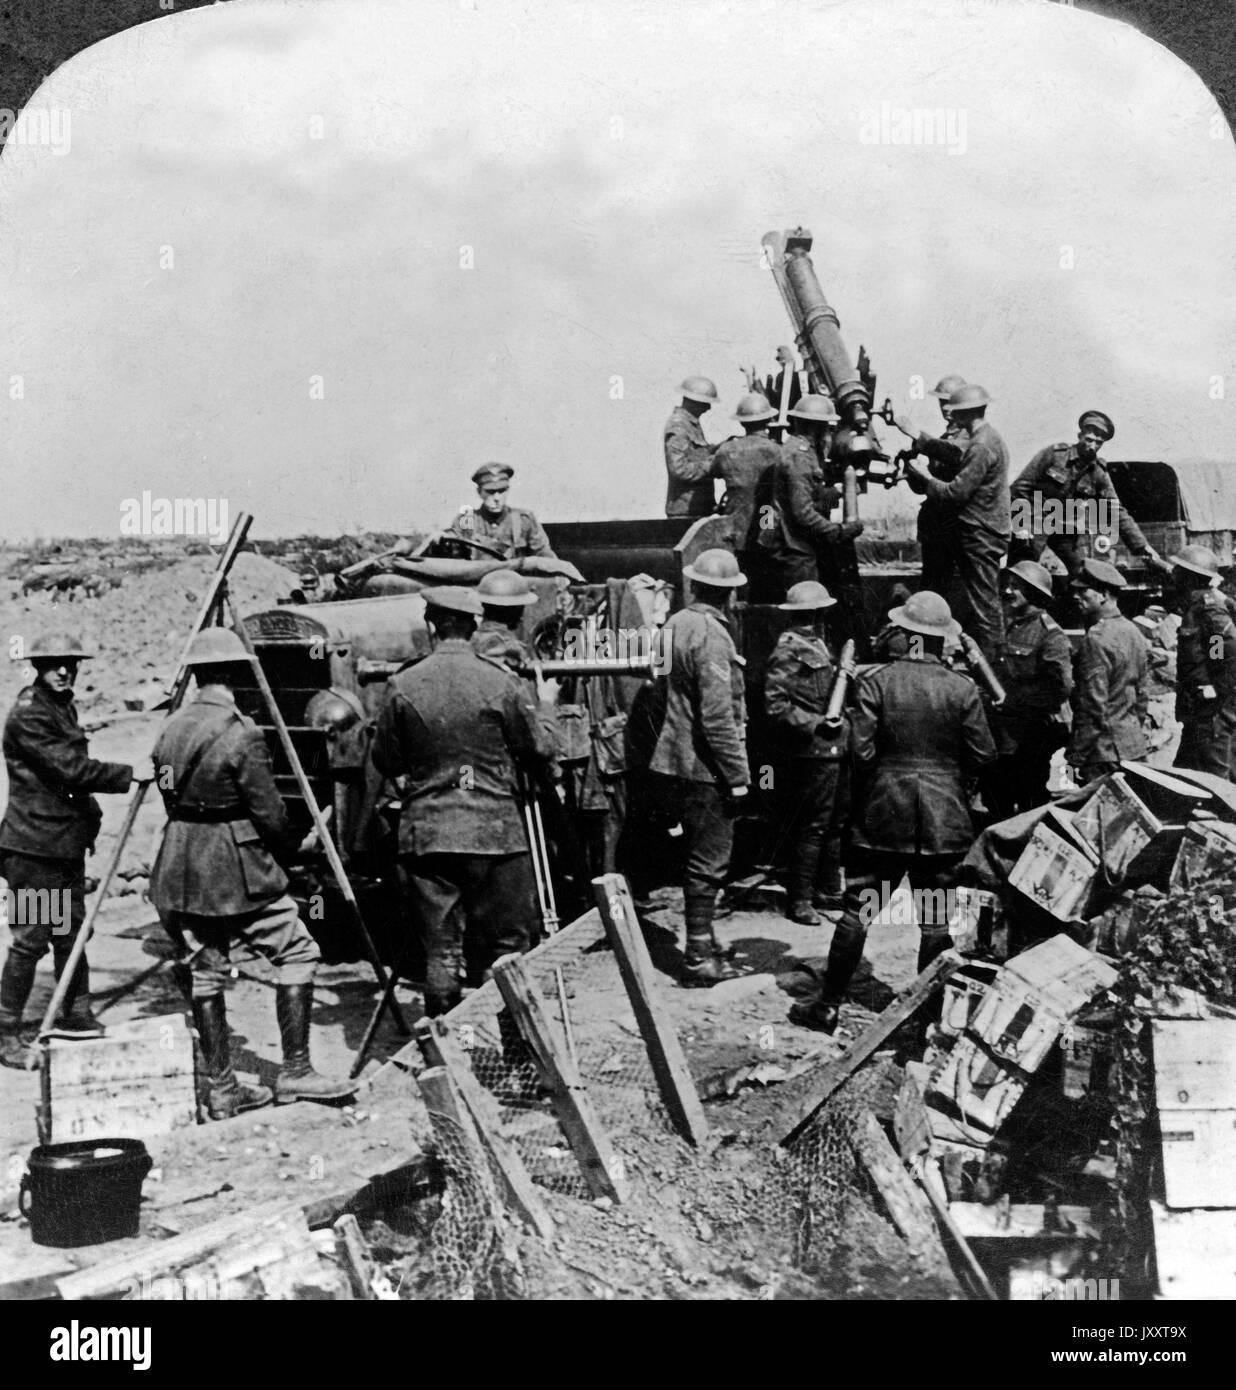 Ein britisches Flugabwehrgeschütz in Aktion, 1917. A British 'Archie' anti aircraft gun in action, 1917. - Stock Image